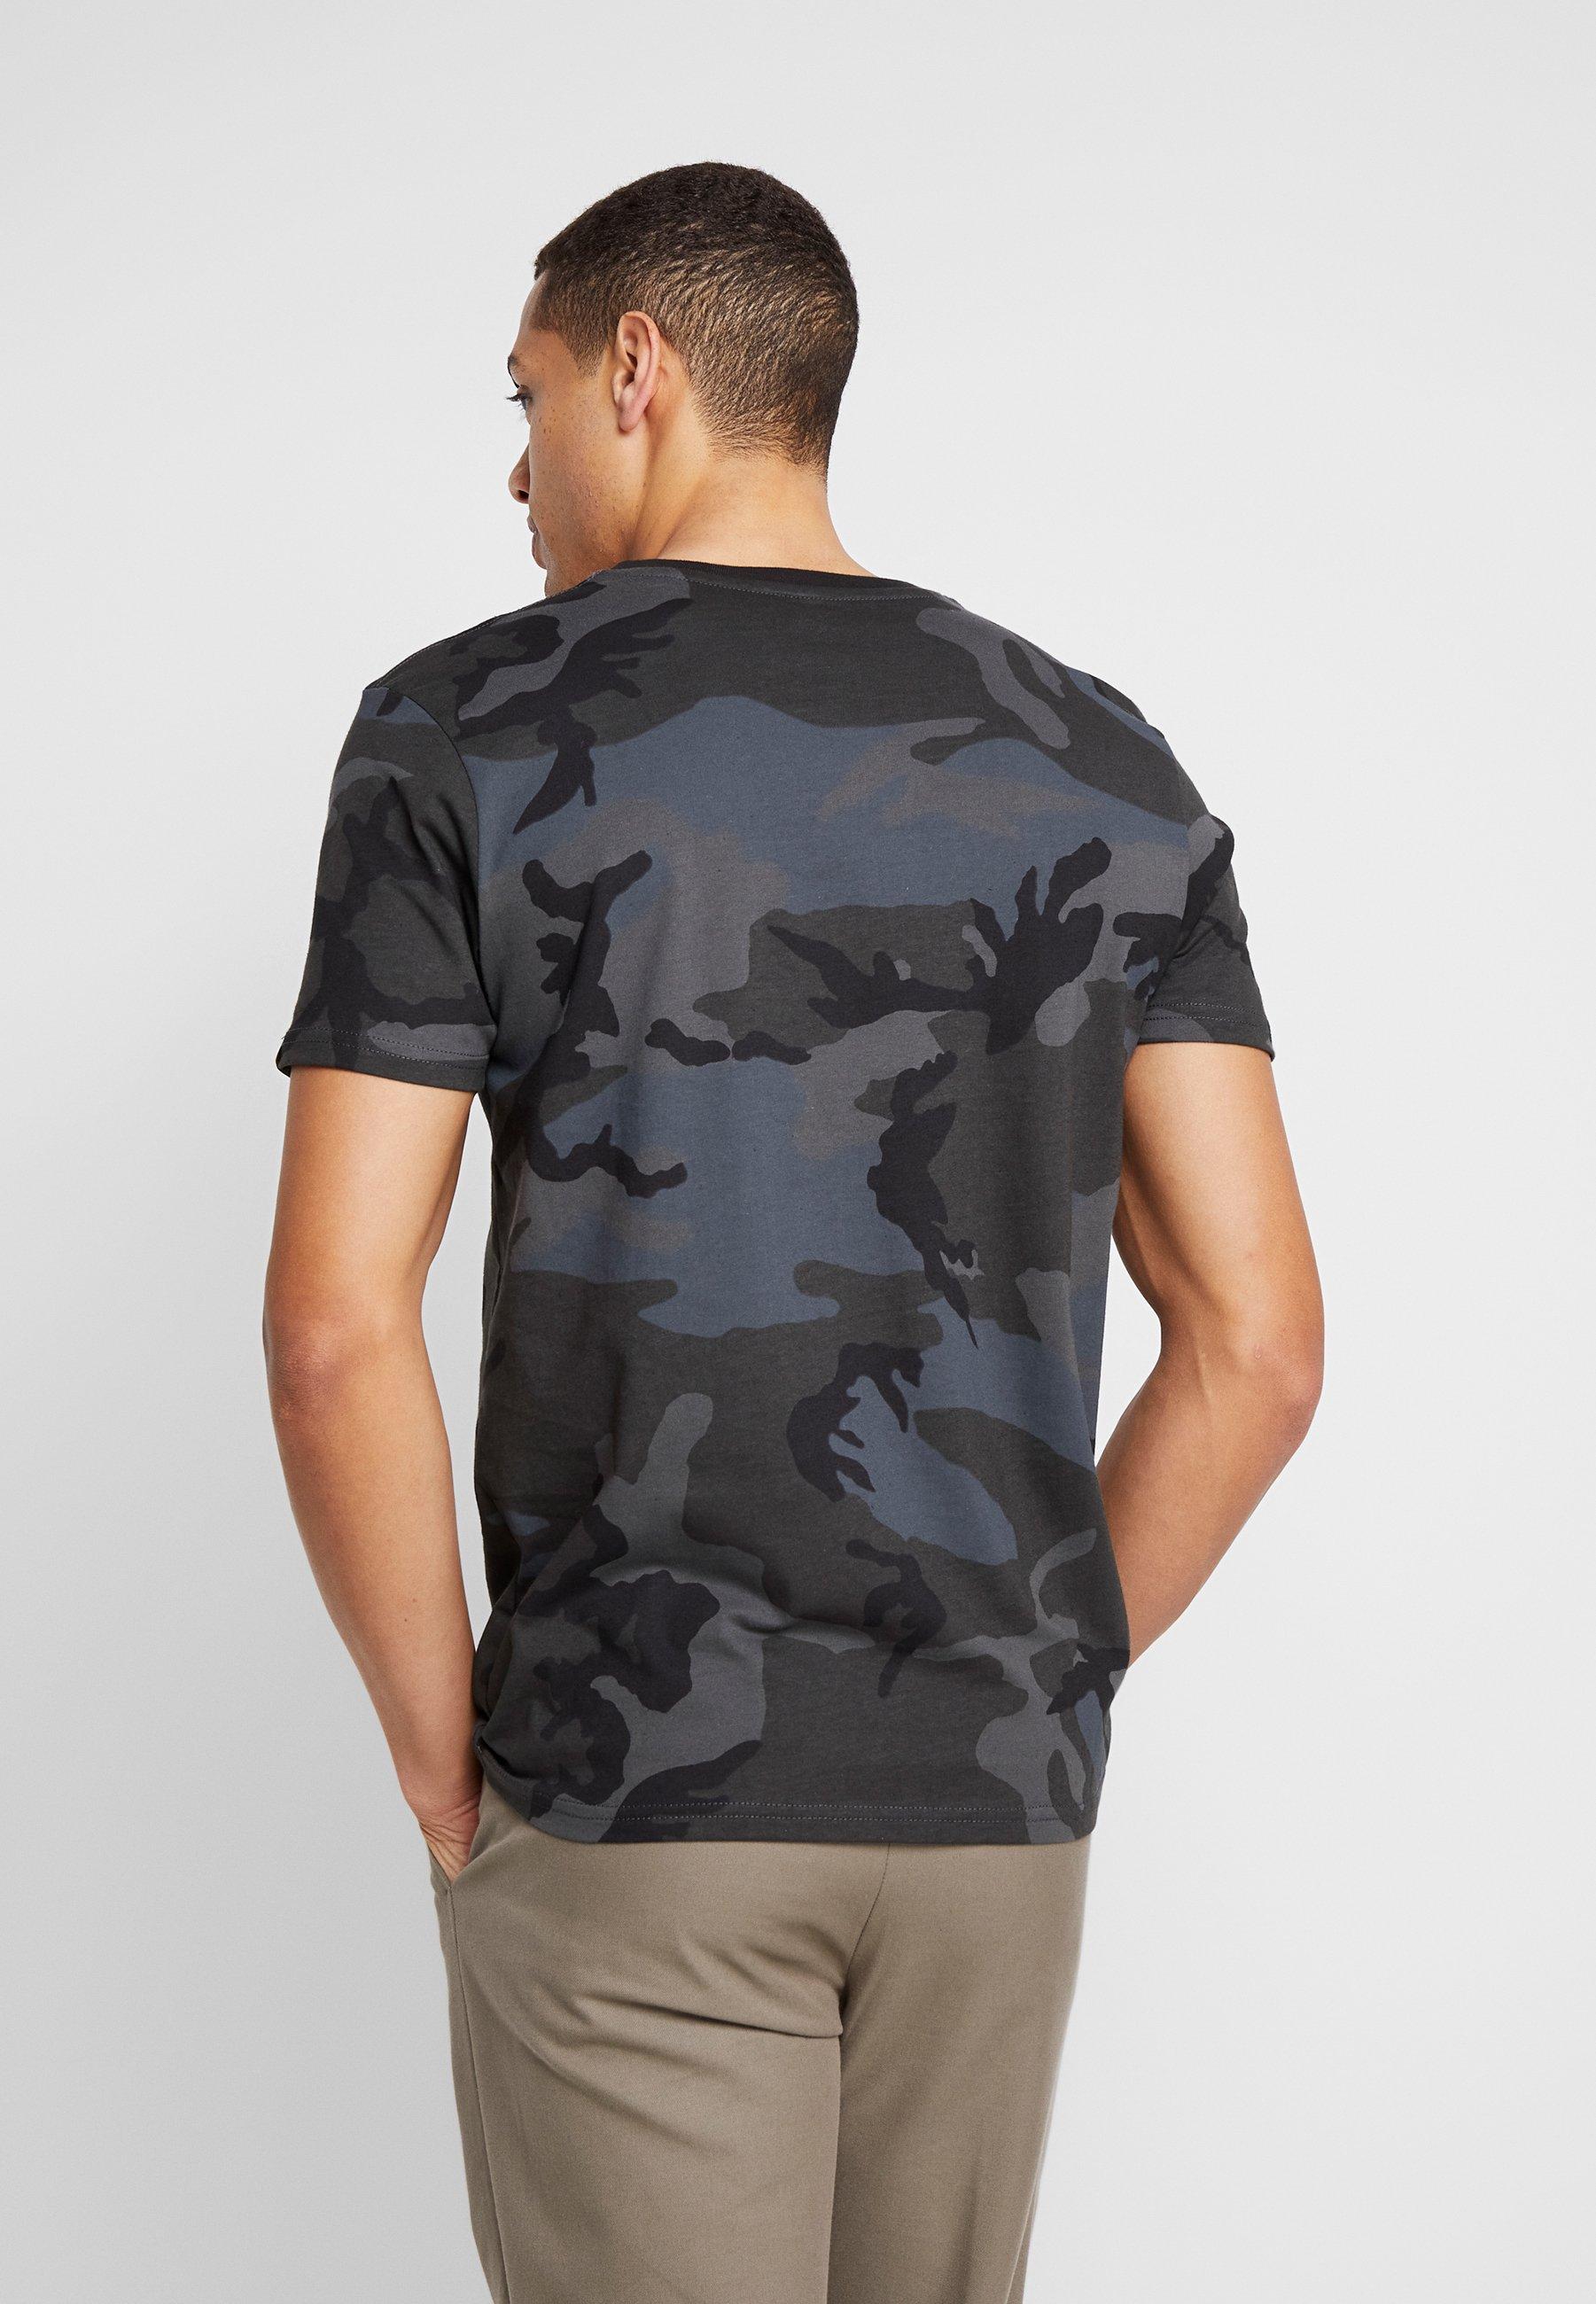 Alpha Industries Print T-shirt - black 8GBIk